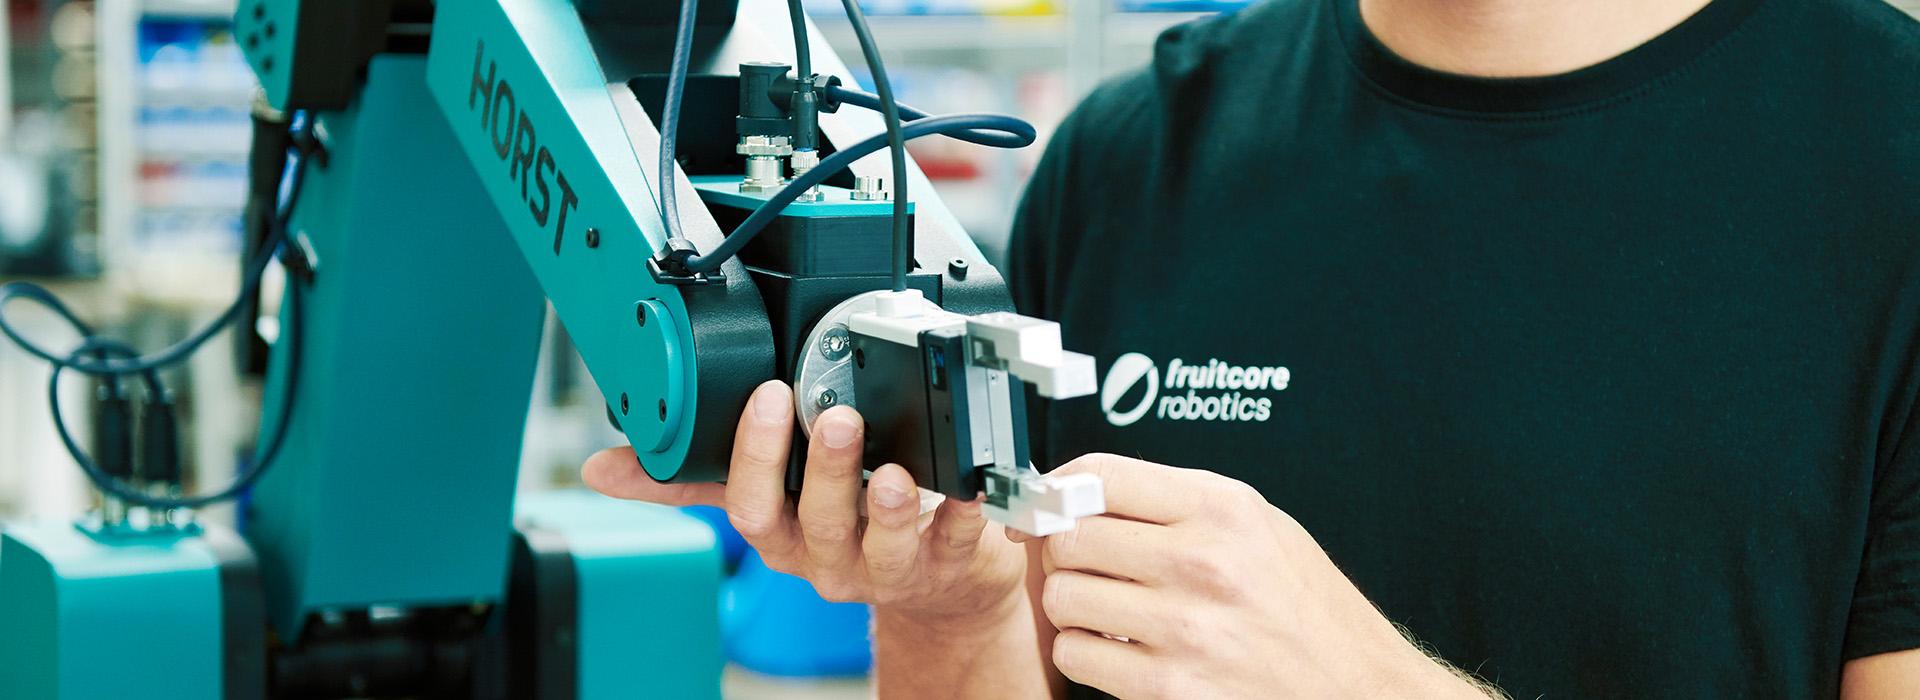 Junger Mann greift an den Roboterarm